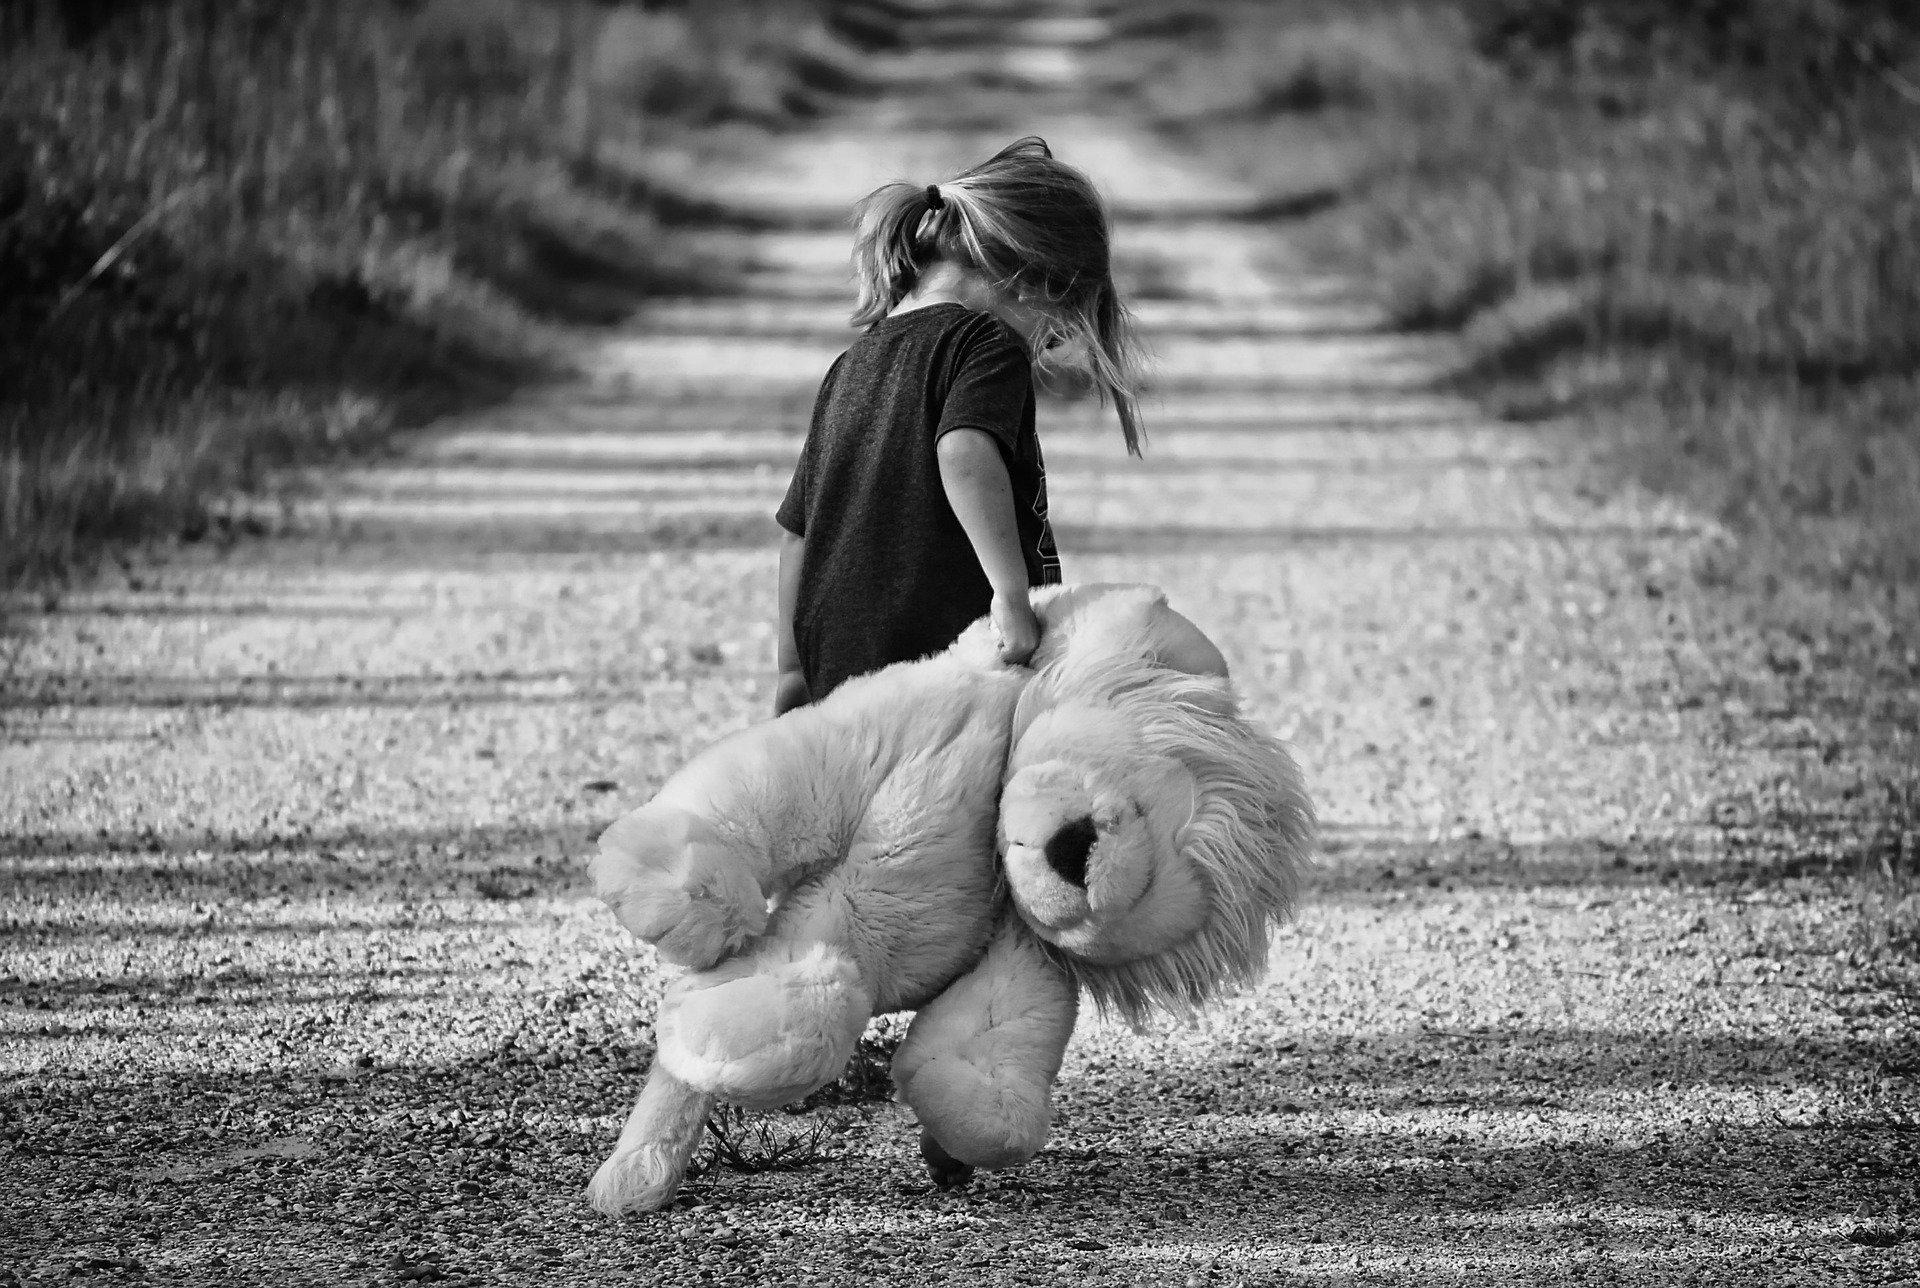 おもちゃをもつ少女